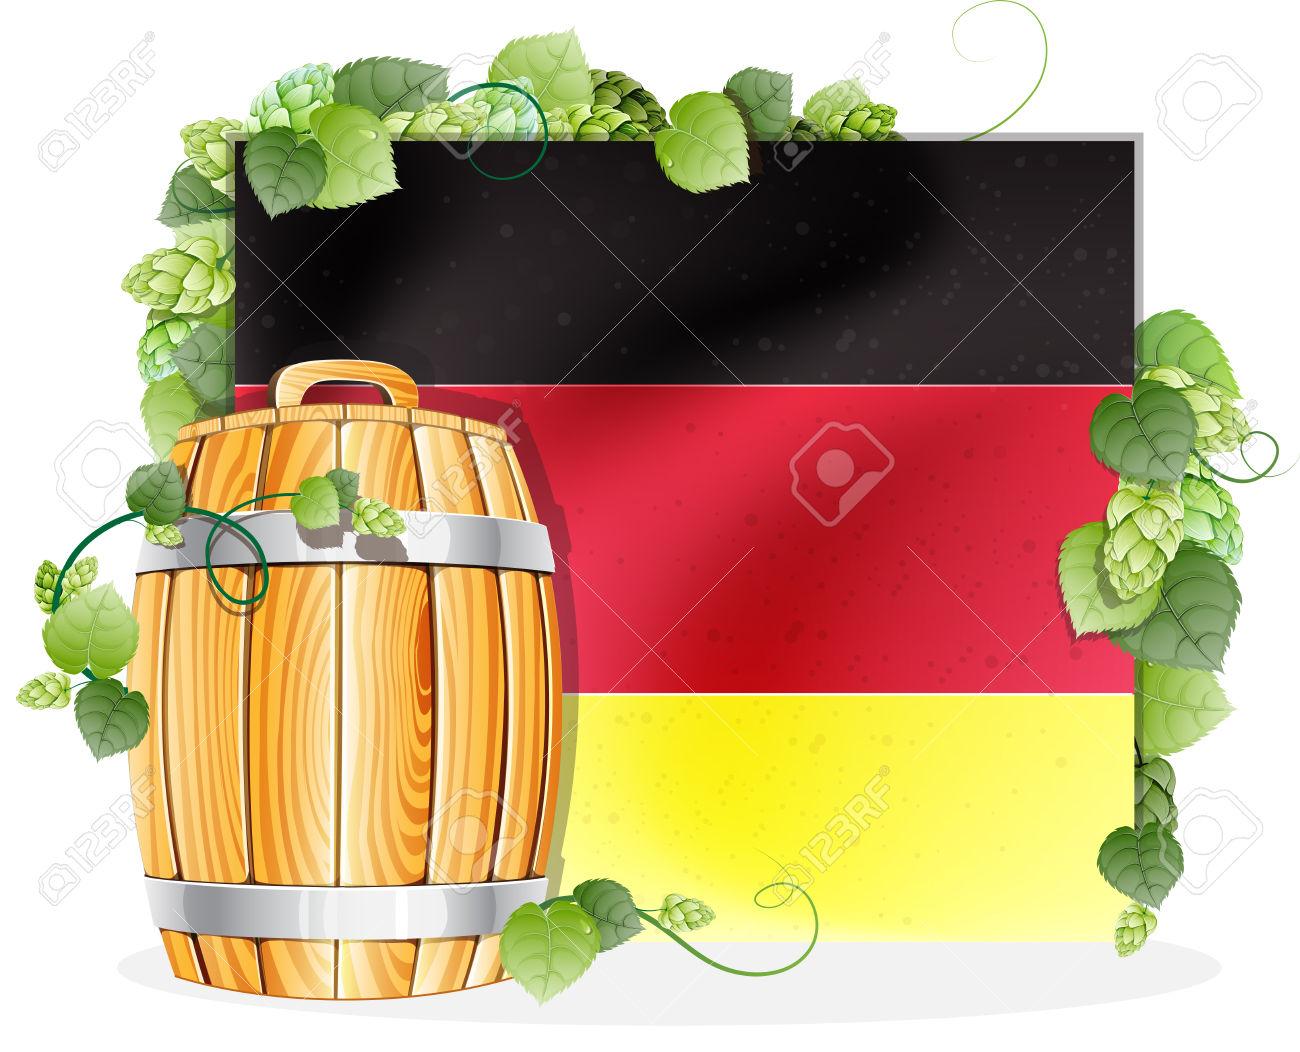 German oak clipart #13